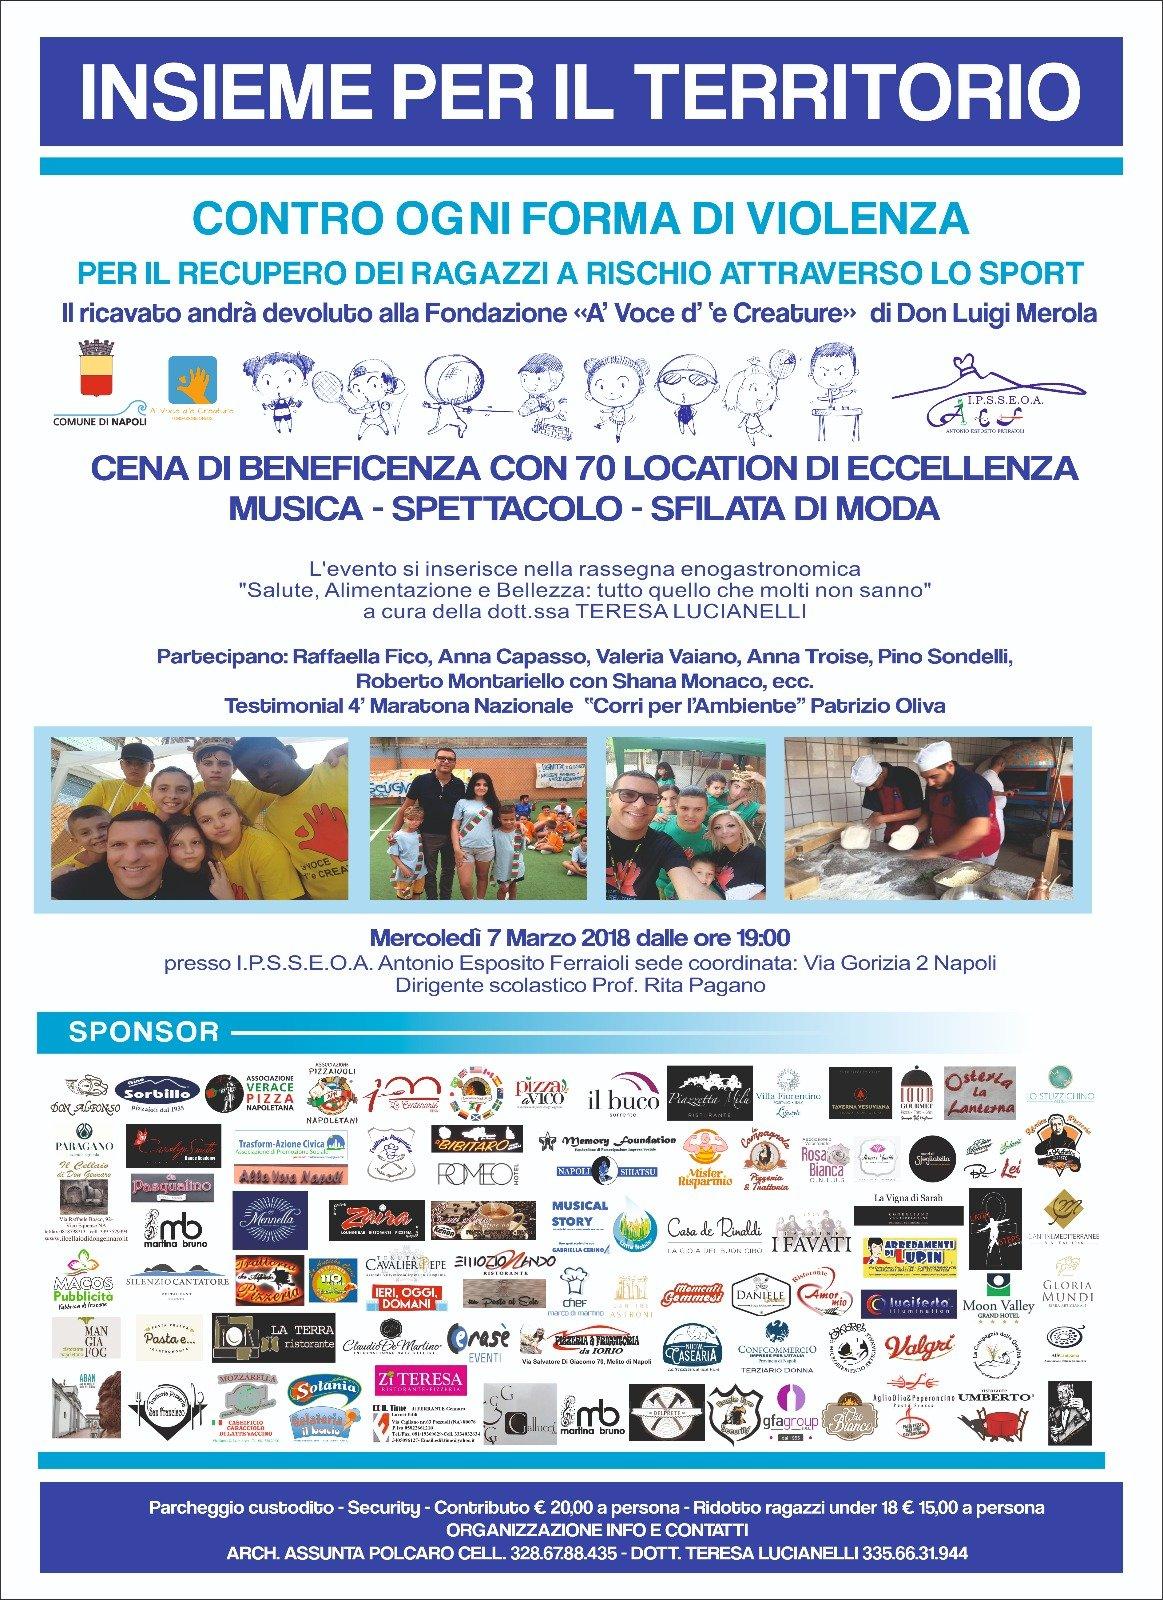 #InsiemeperilTerritorio: evento eno-gastronomico di beneficenza